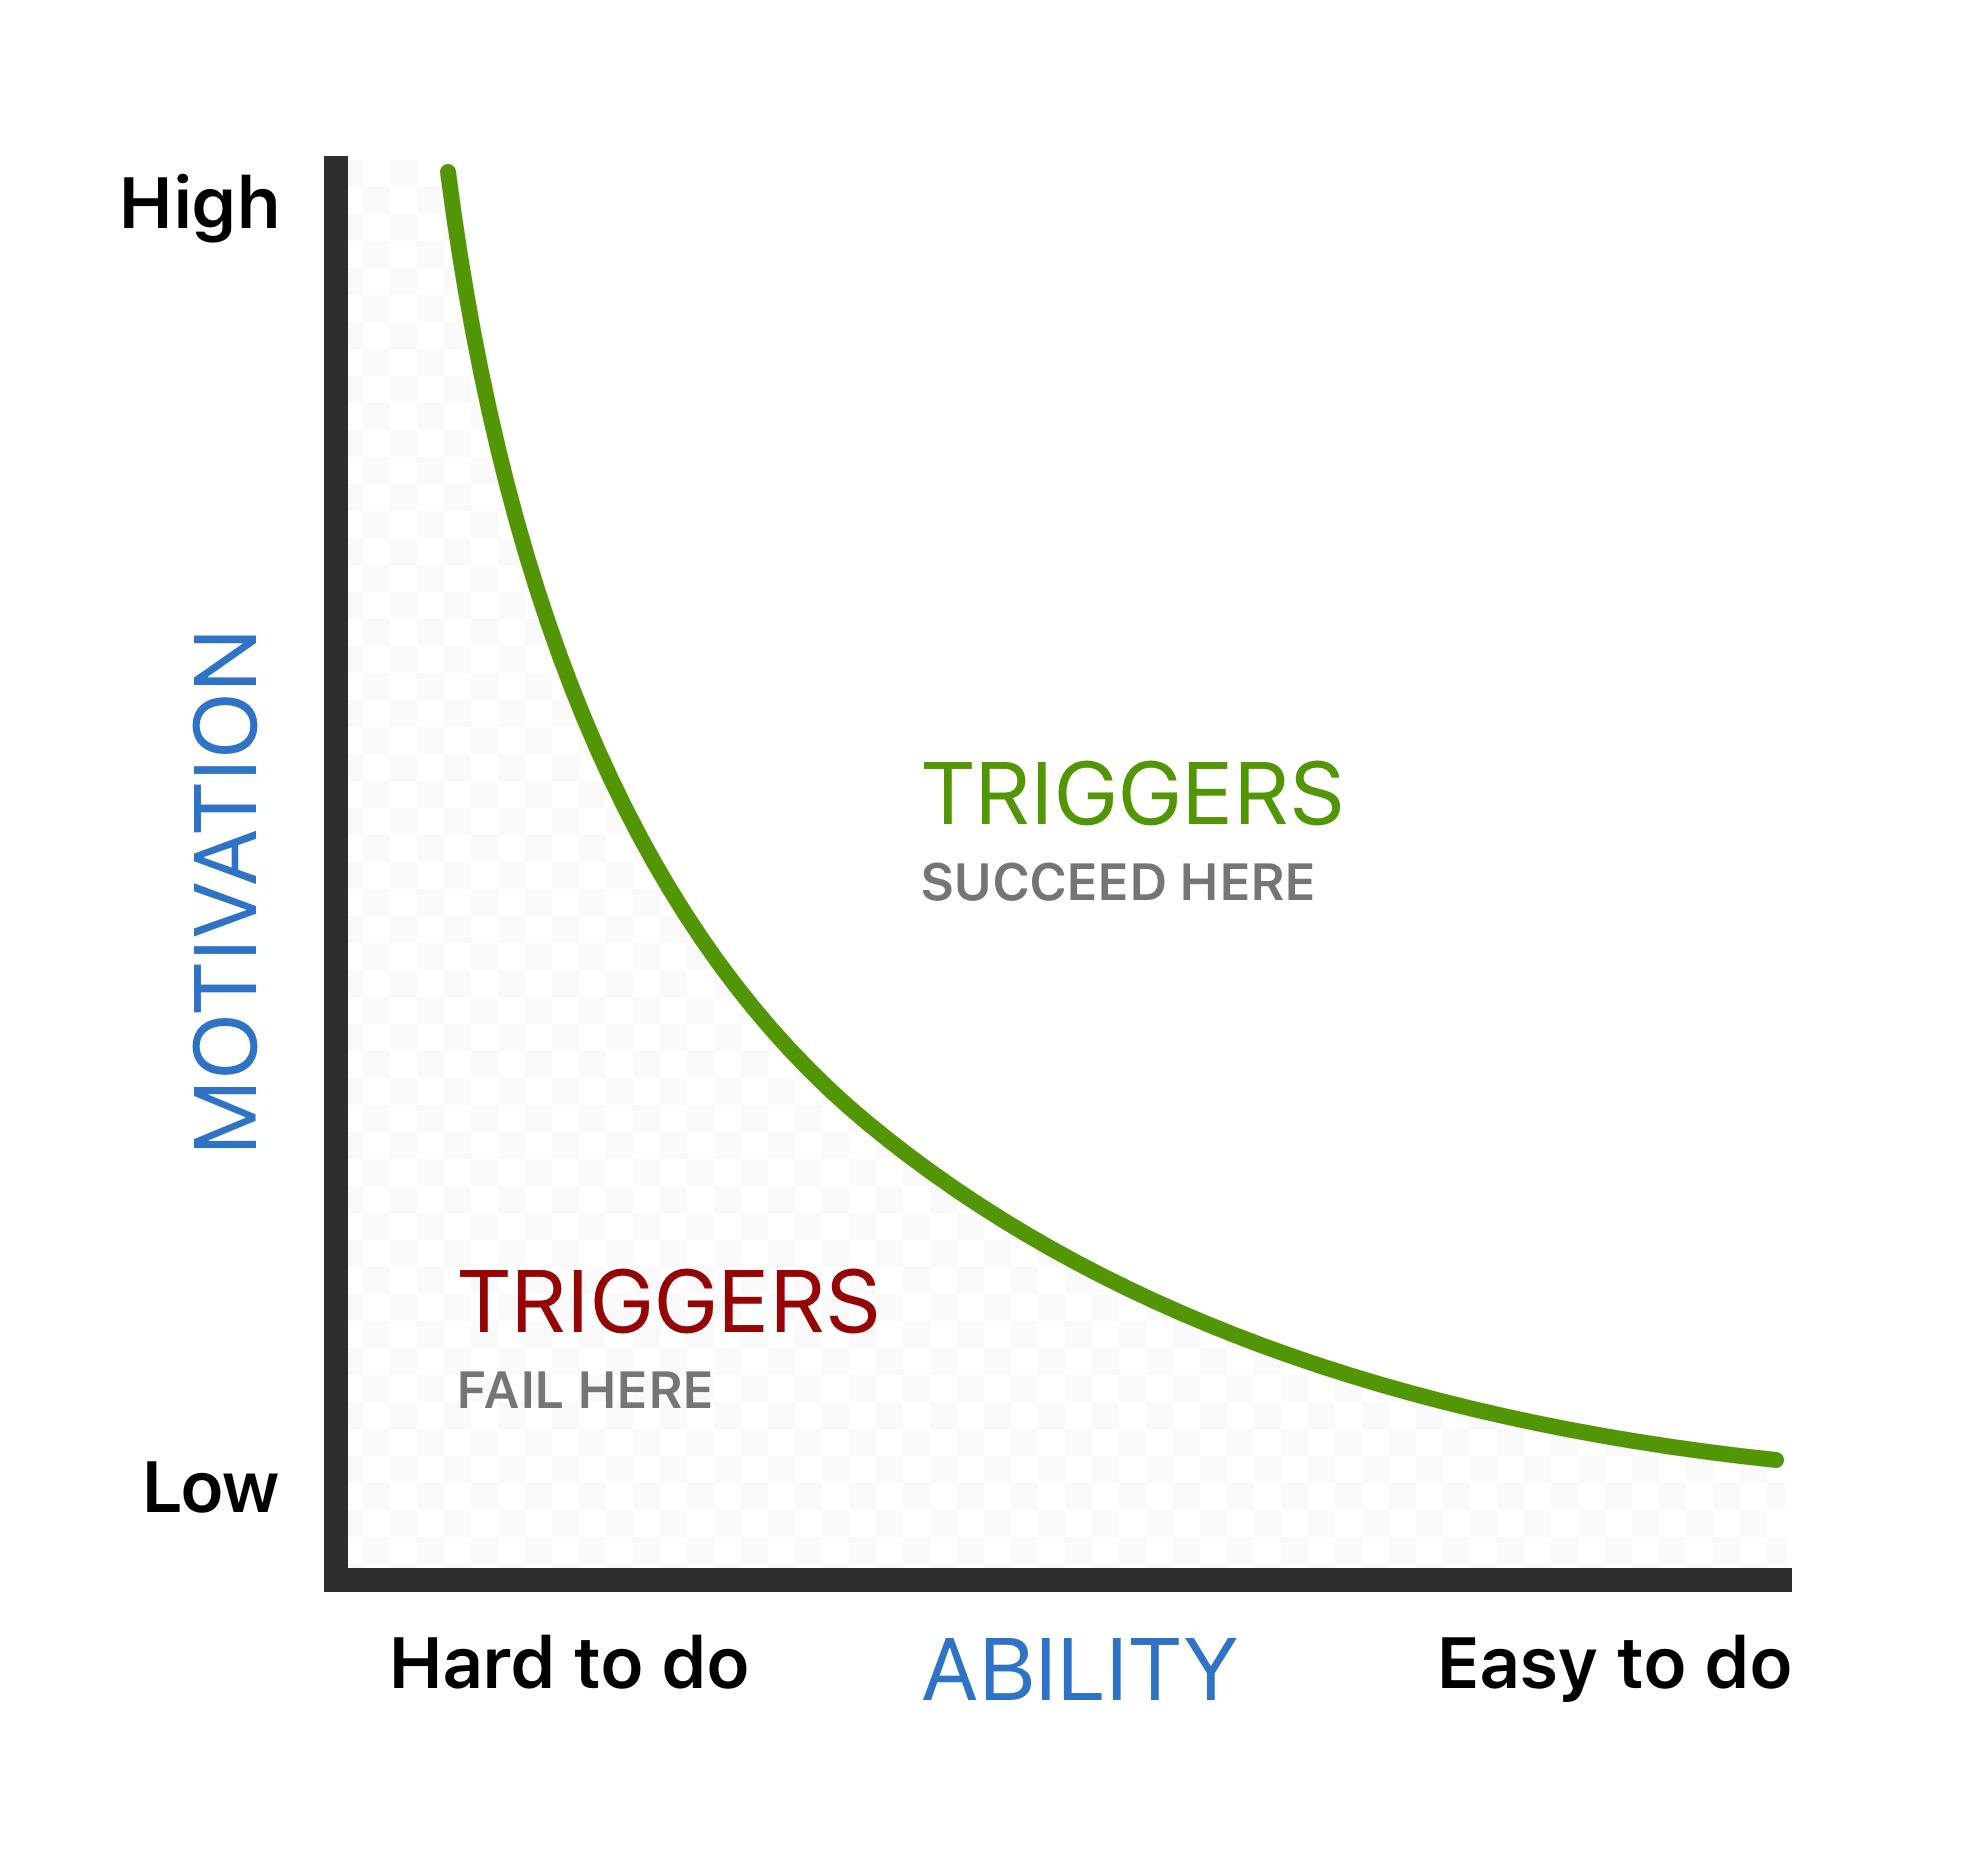 behavior-model-image